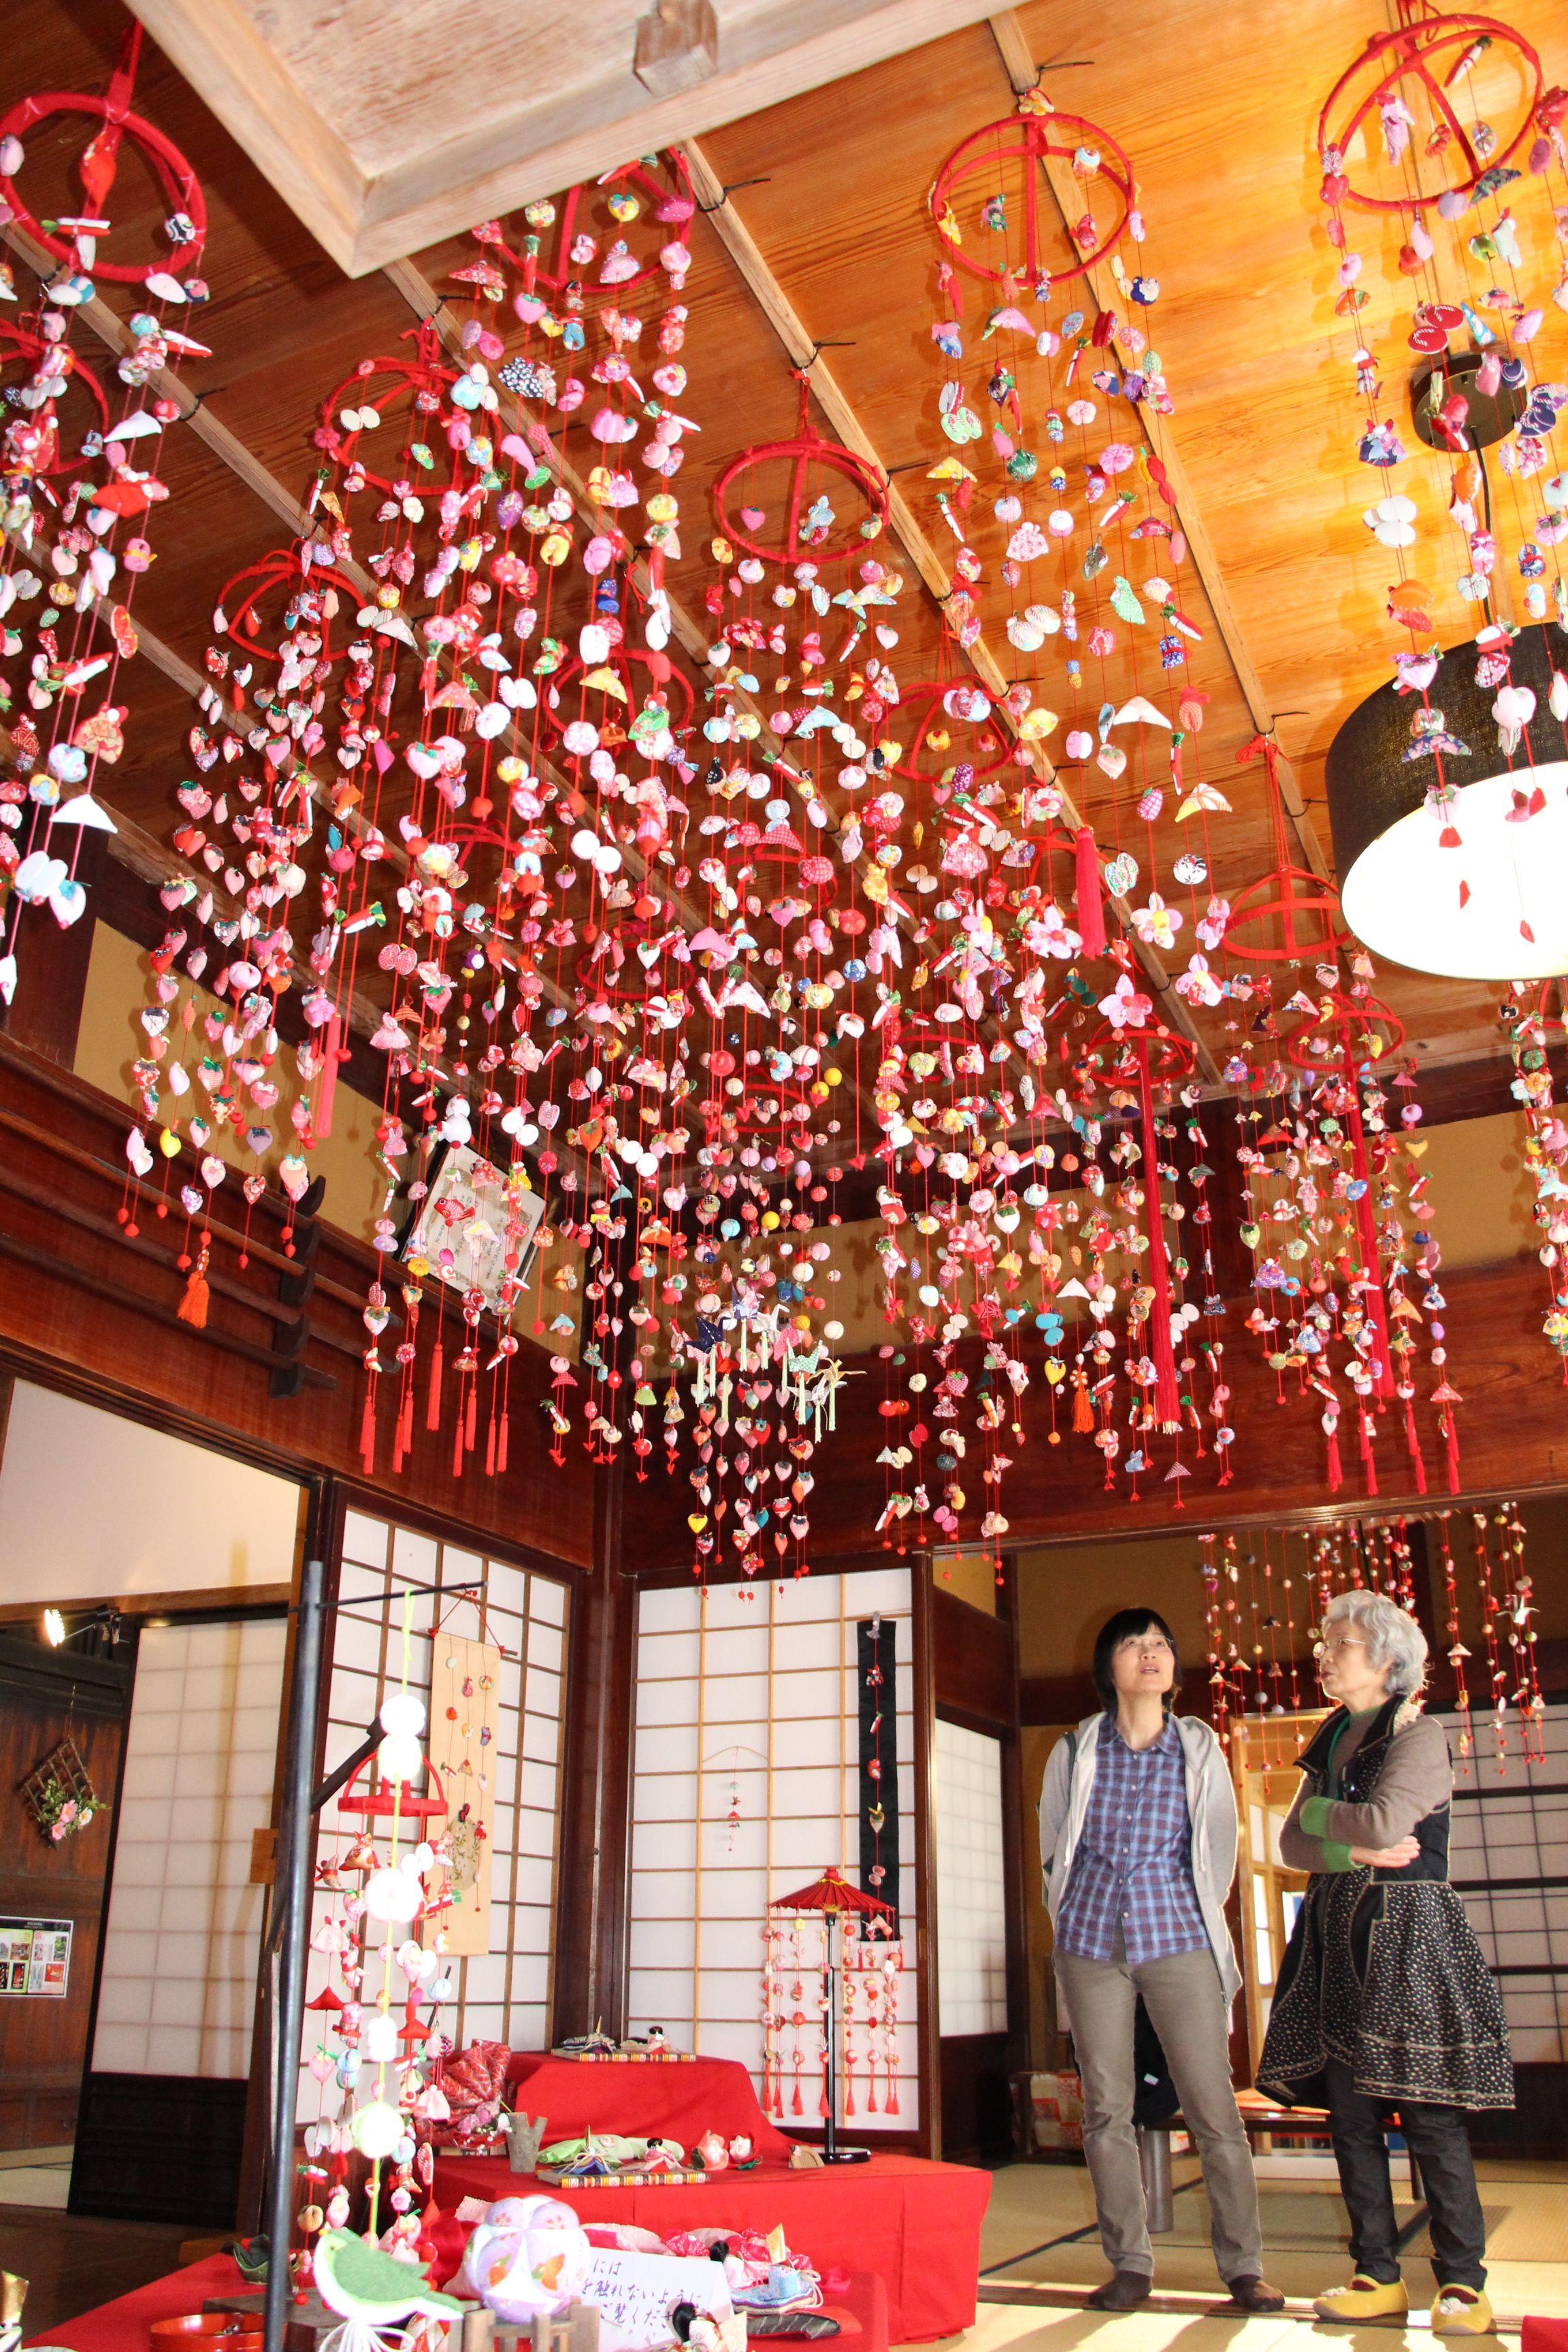 飯塚邸に飾られたつるし雛。約200点が展示されている=1日、柏崎市